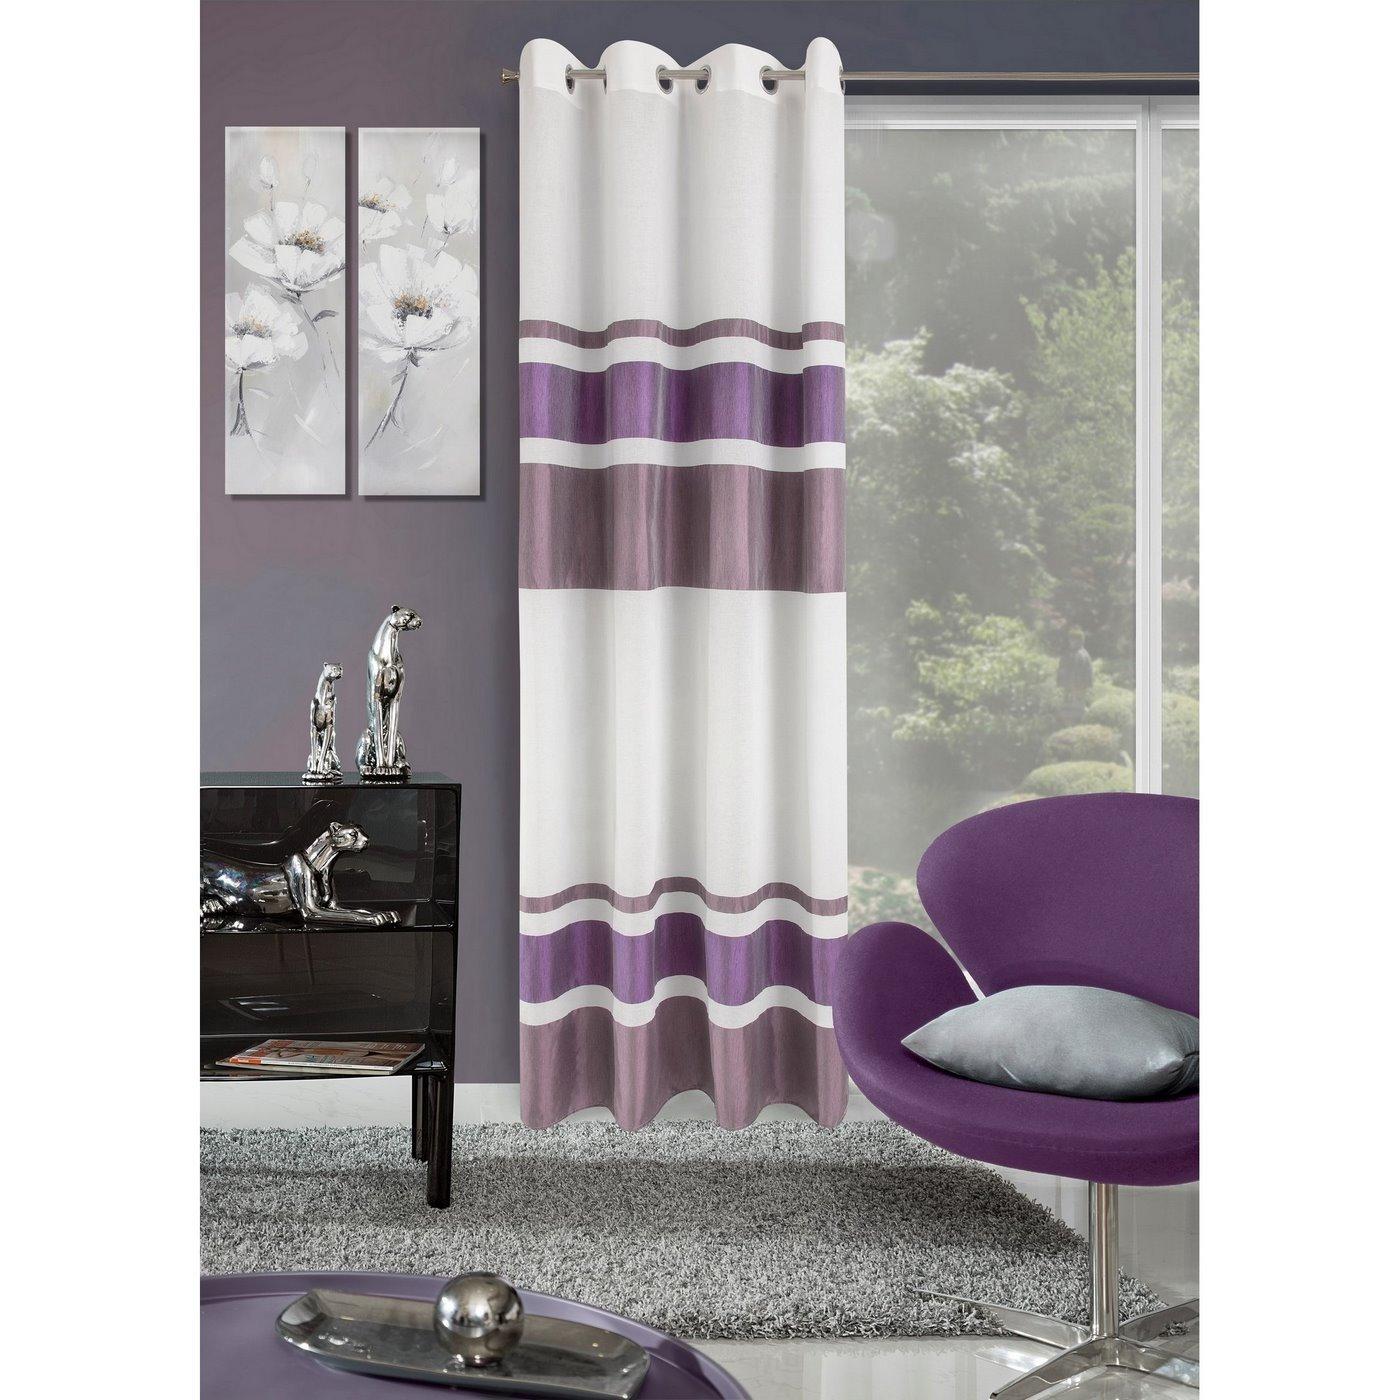 Zasłona poziome pasy nowoczesny wzór biały+fiolet przelotki 140x250cm